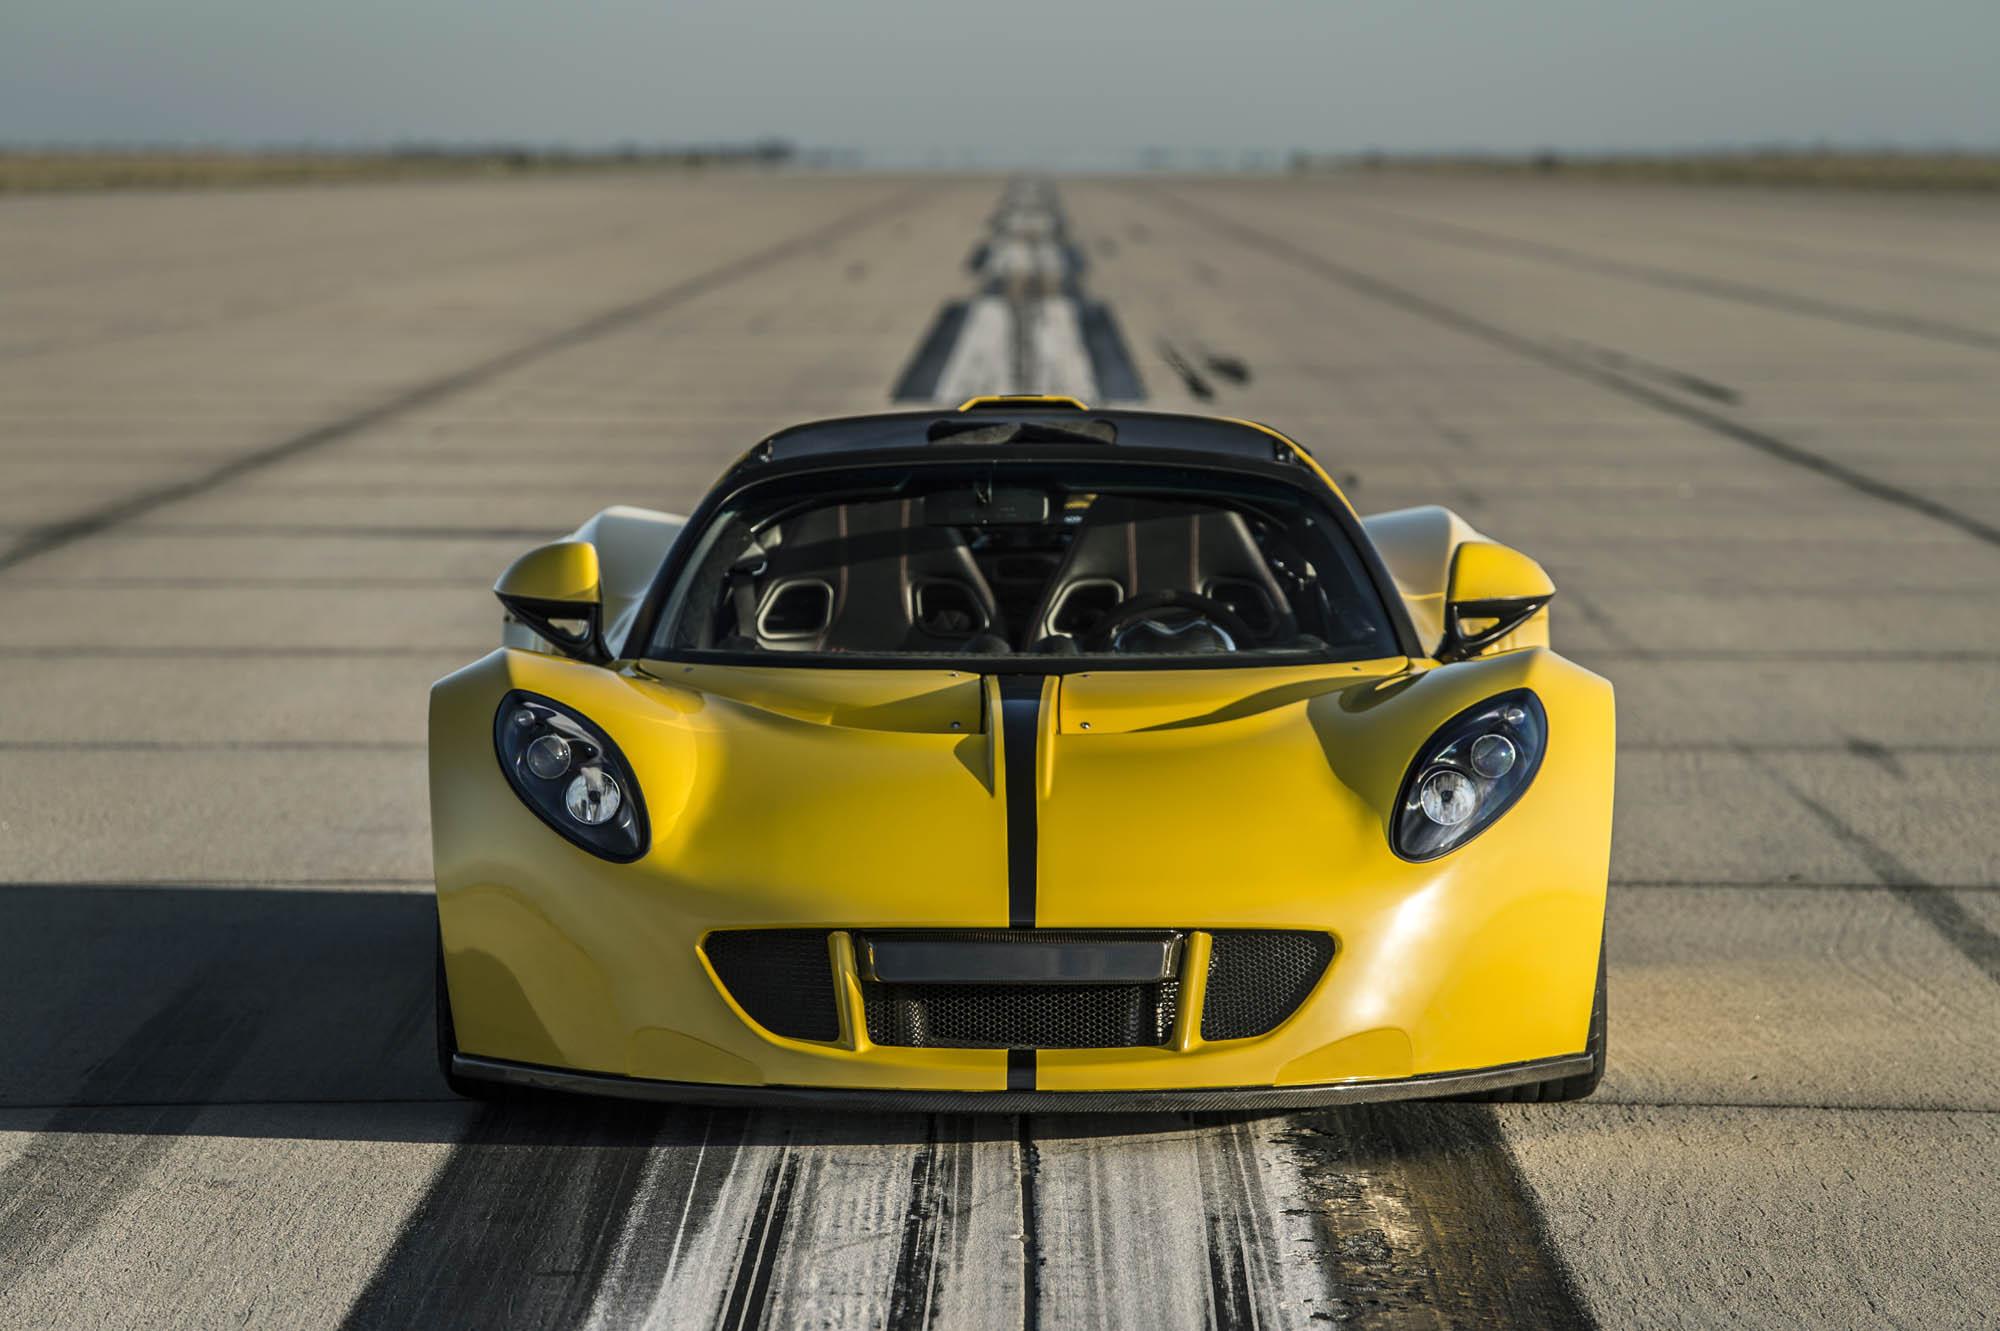 venomgt-convertible-world-record-08